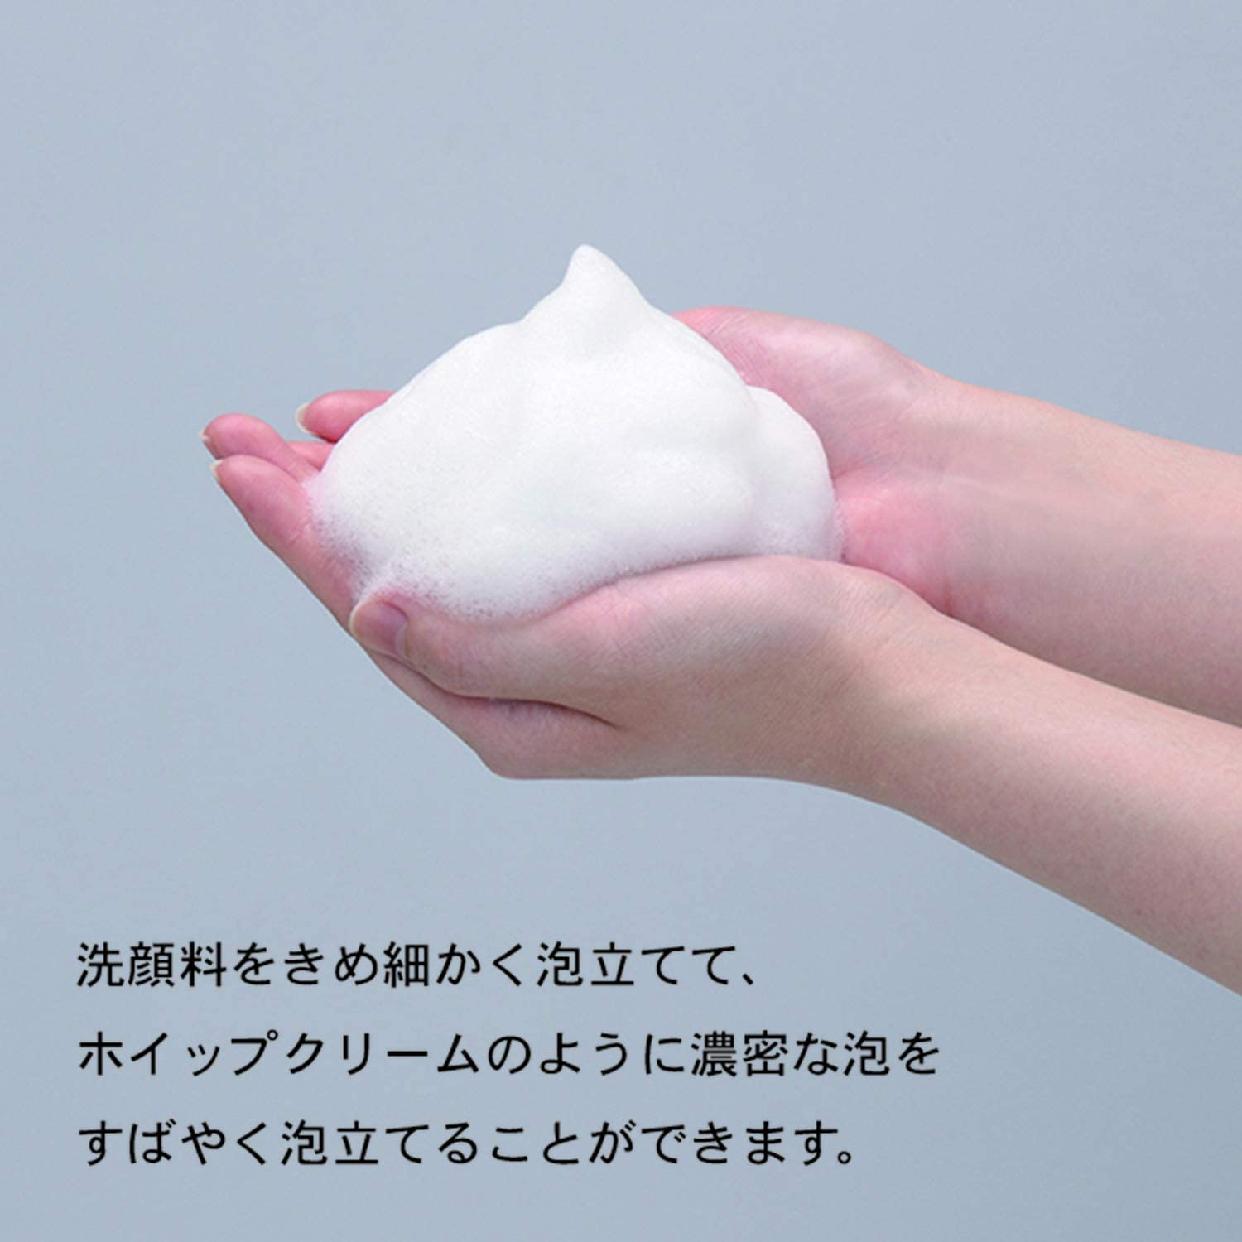 小久保工業所(こくぼこうぎょうしょ)ホイップ洗顔の商品画像3